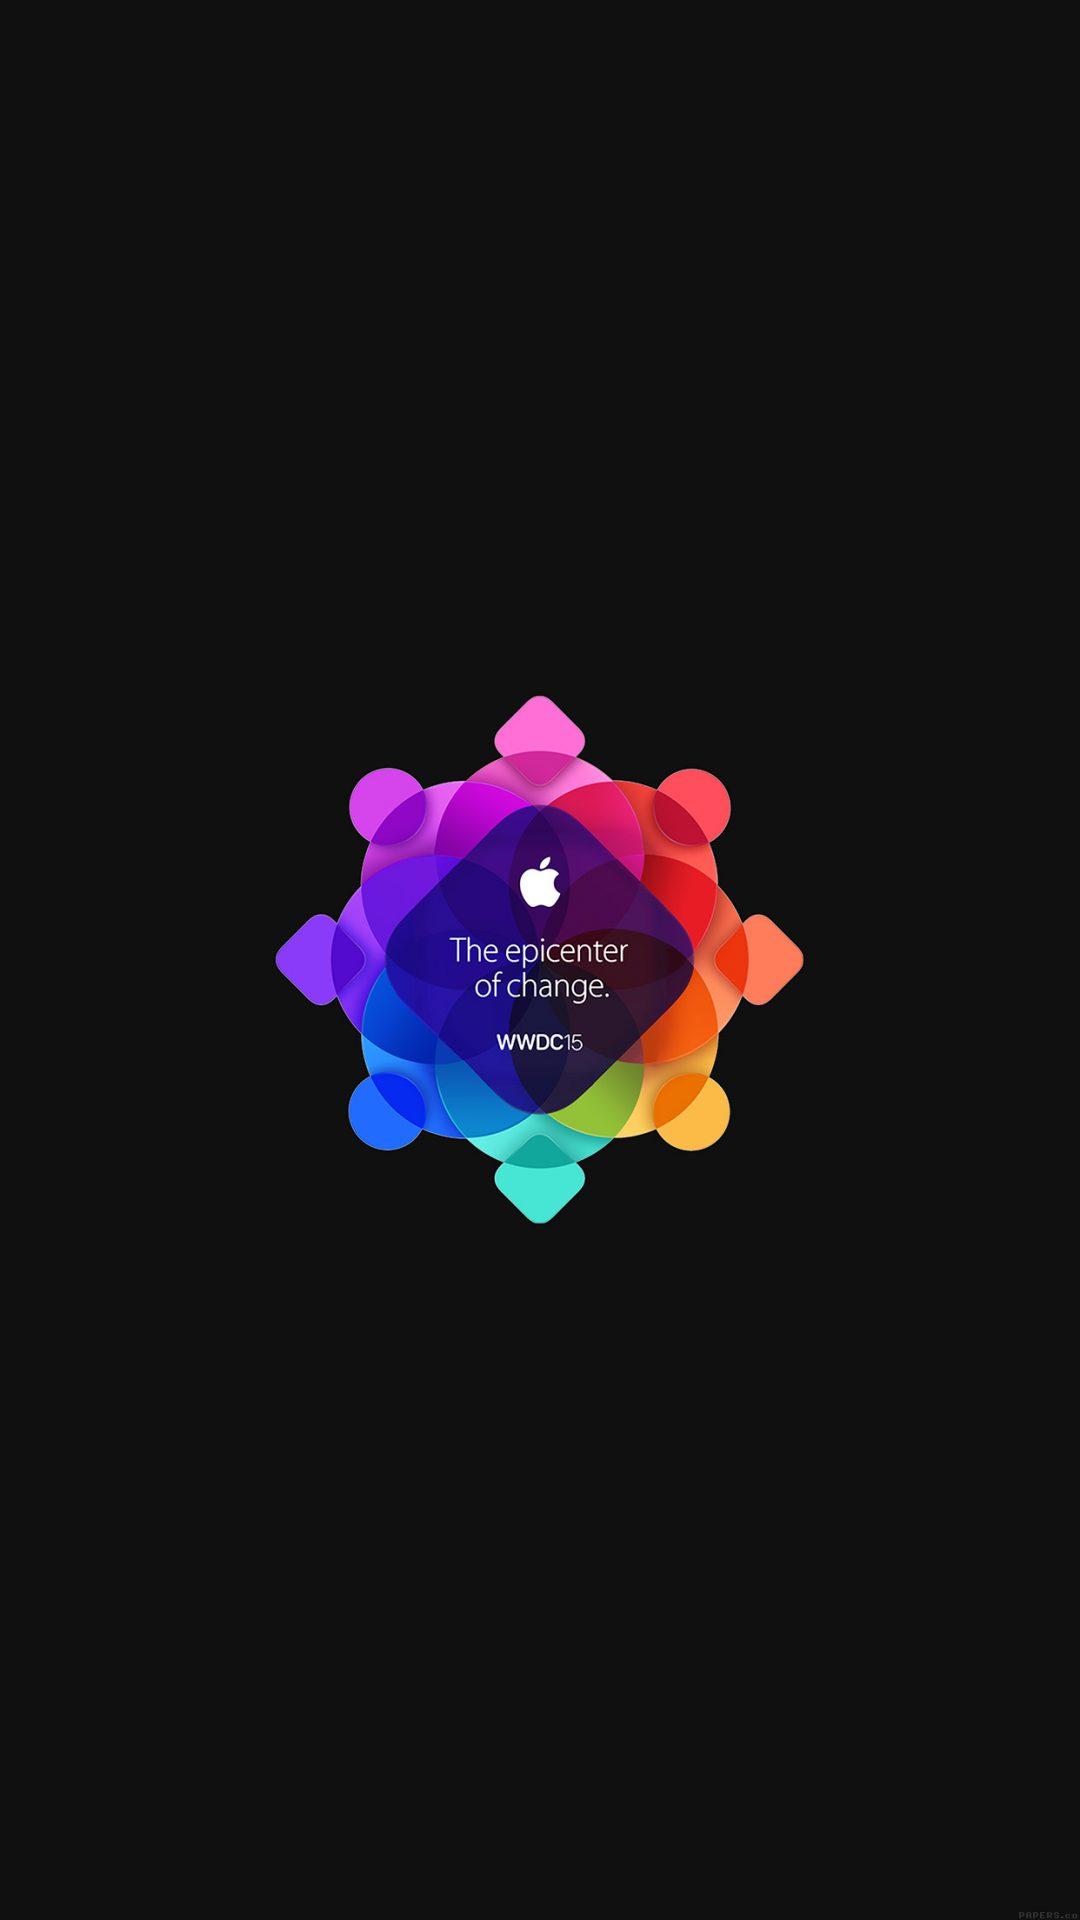 Wwdc 2015 Apple Art Pattern Dark